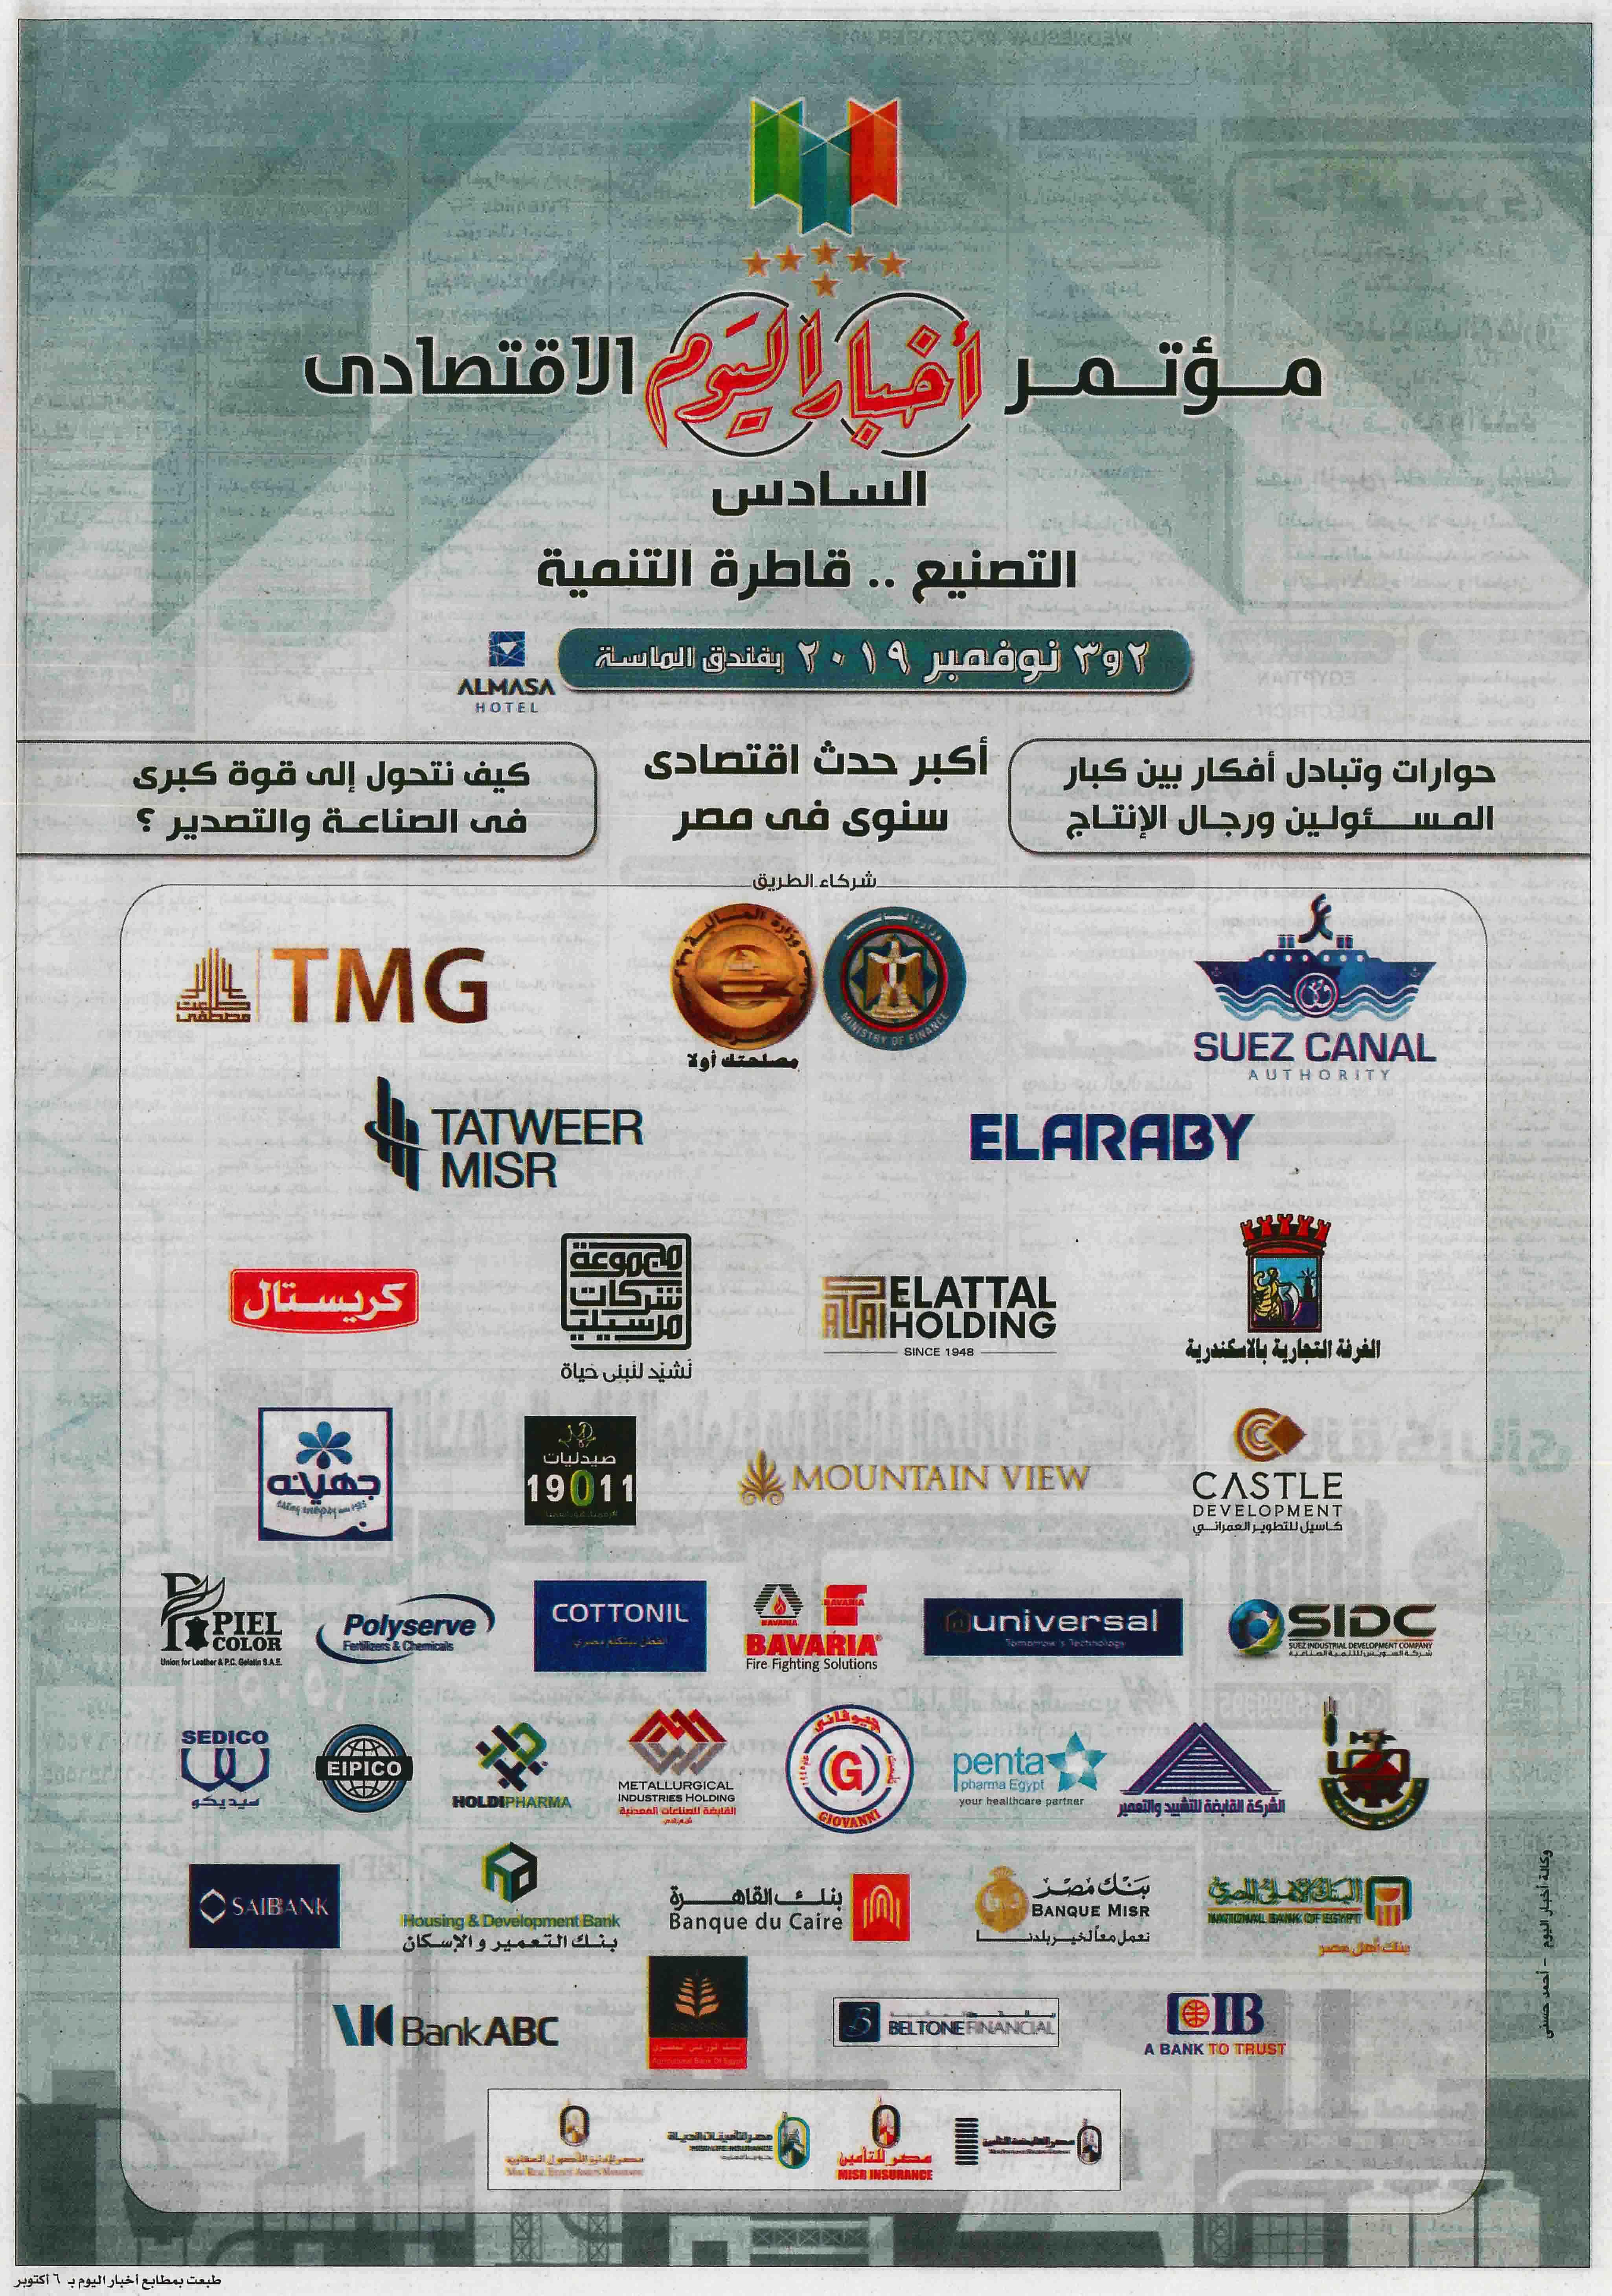 لوجو مجموعة شركات مرسيليا - مؤتمر اخبار اليوم الاقتصادي - الاربعاء- 30-10-2019 - الاخبار (2)